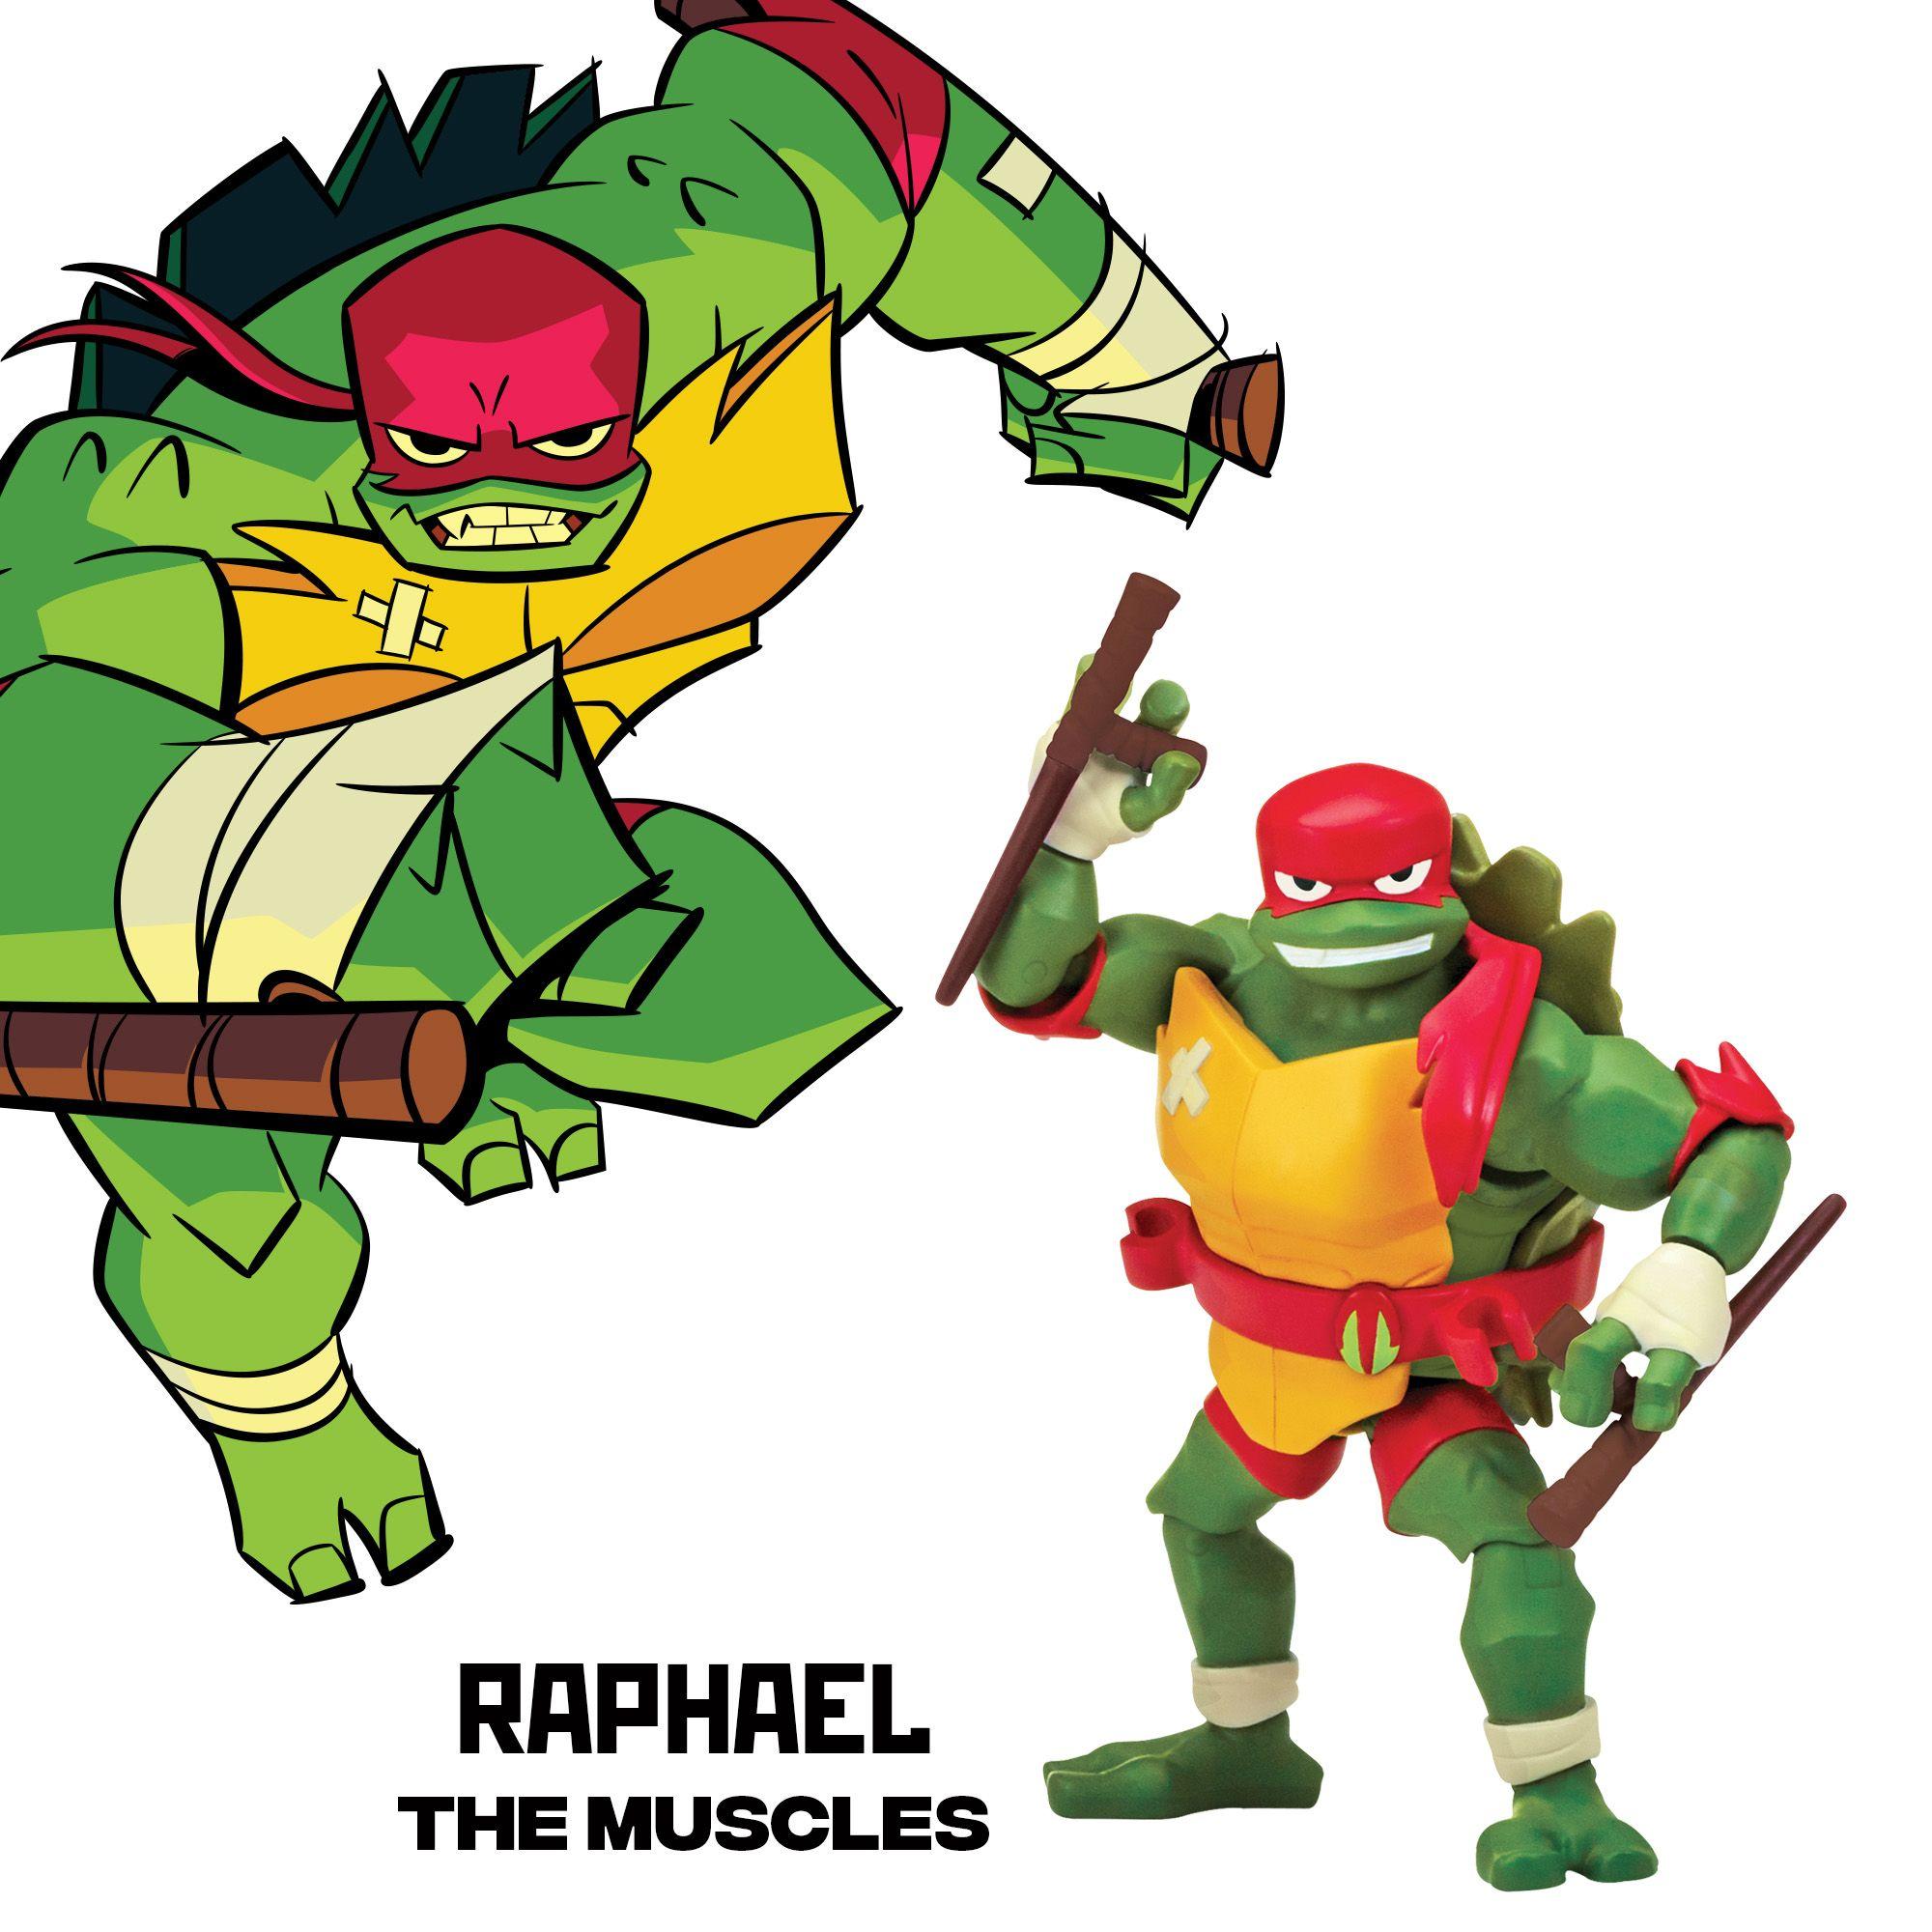 Raphael Ninja Turtle Images